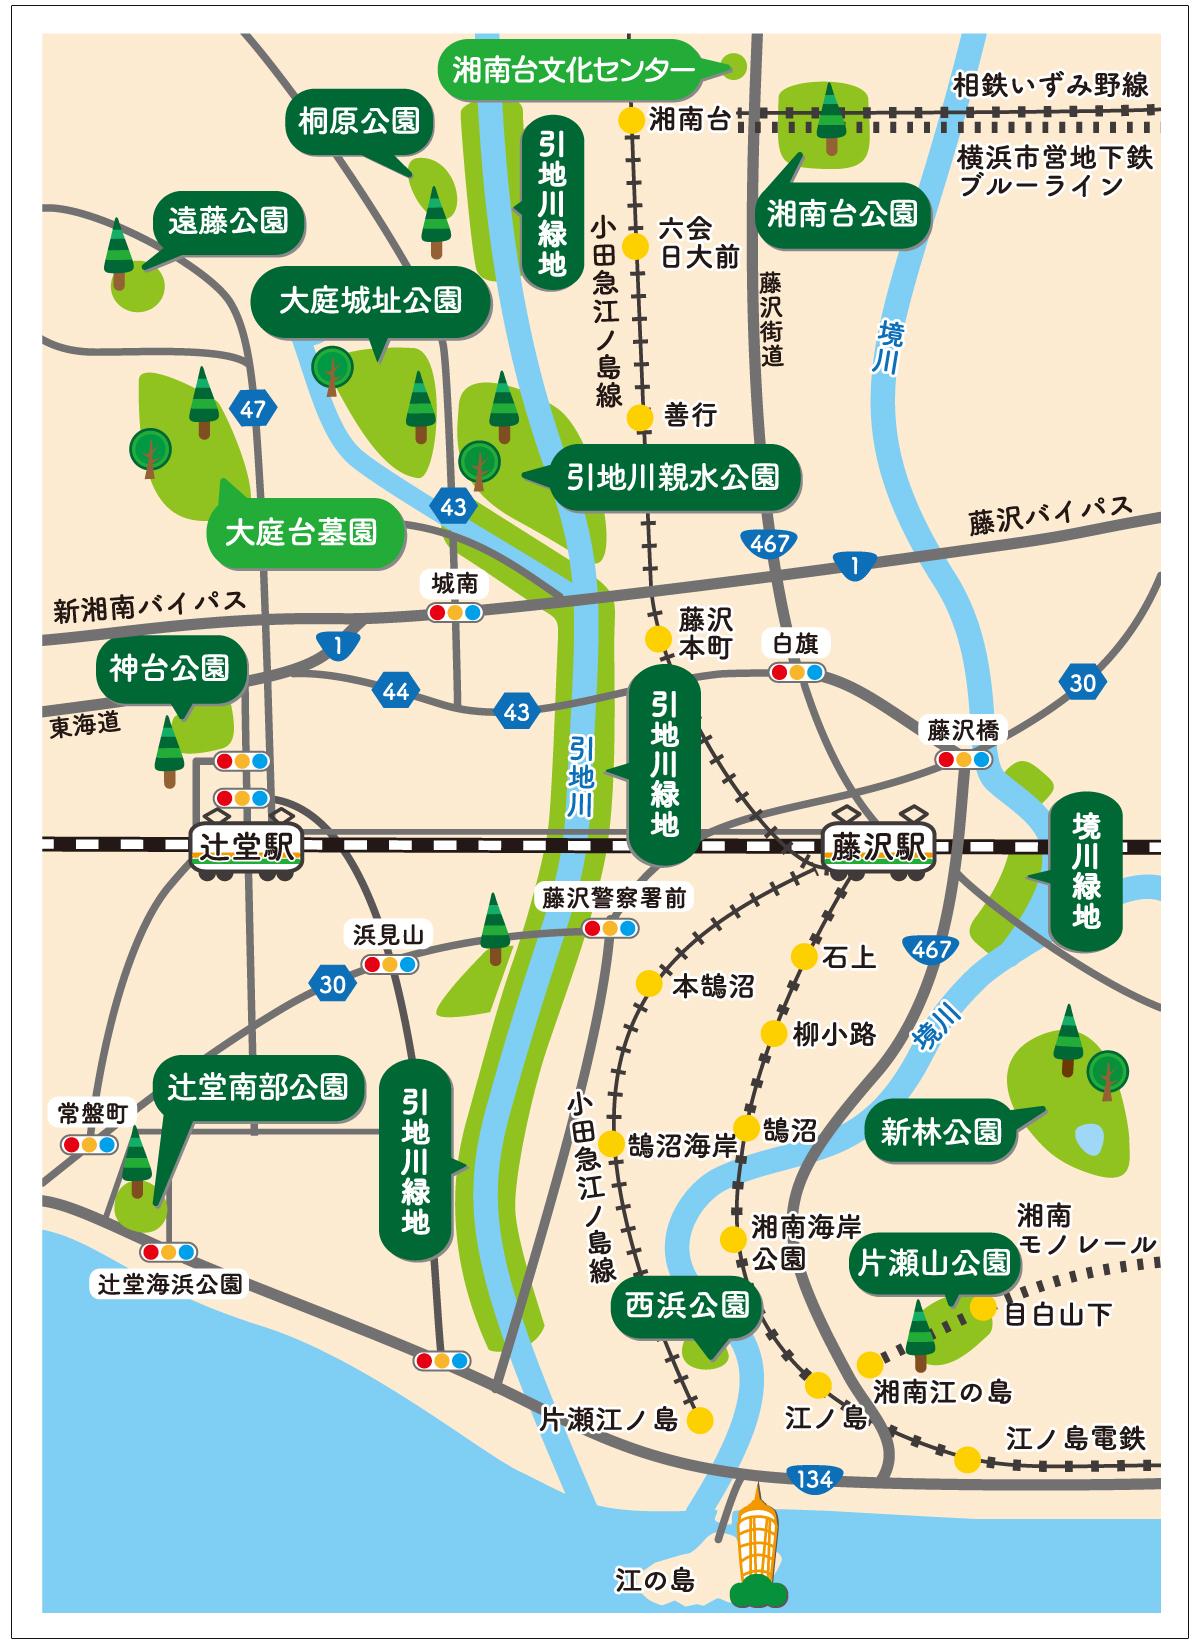 藤沢市公園マップ